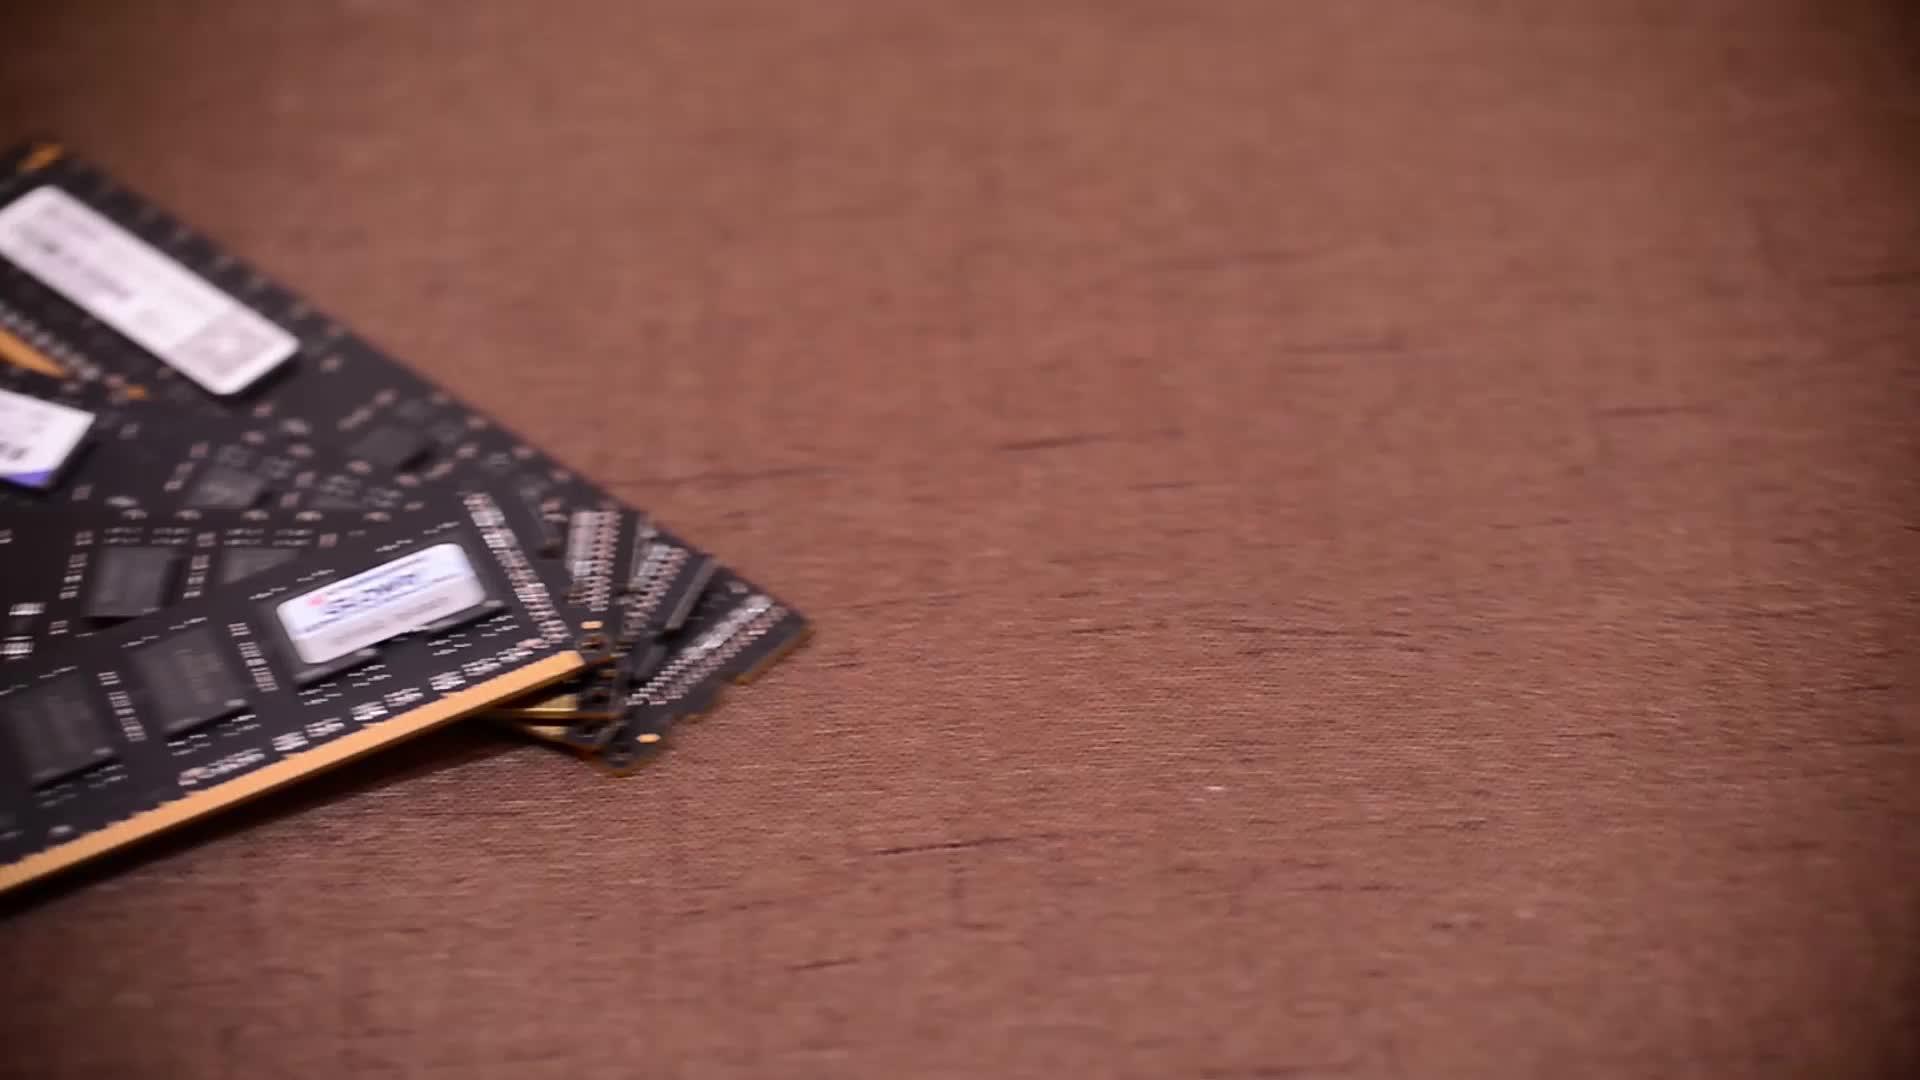 Лучшая цена завода настольных оперативной памяти ddr3 4 ГБ 1600 мГц части компьютера